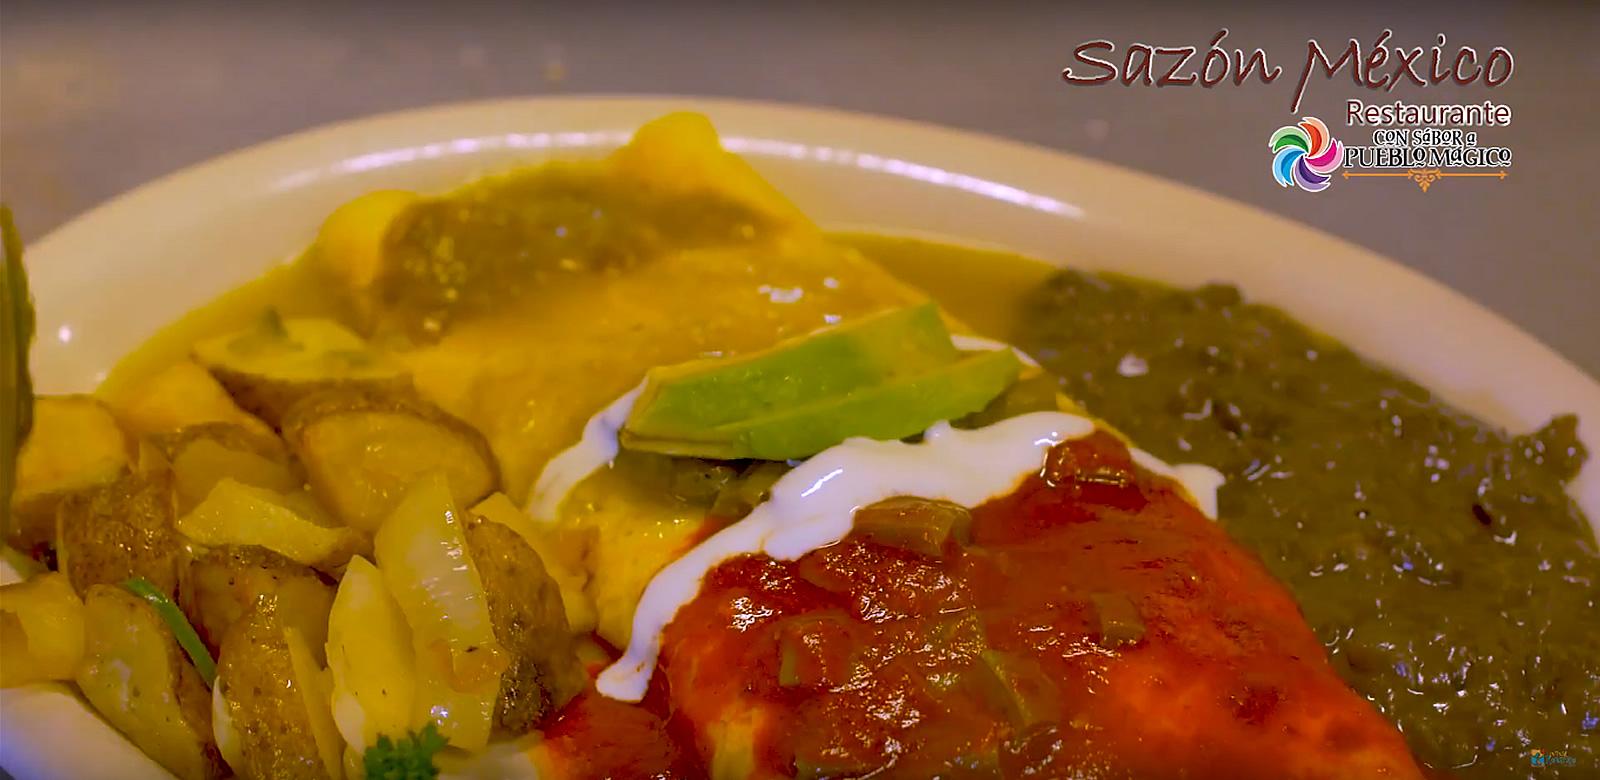 http://sazonmexico.com/wp-content/uploads/sl_004.jpg